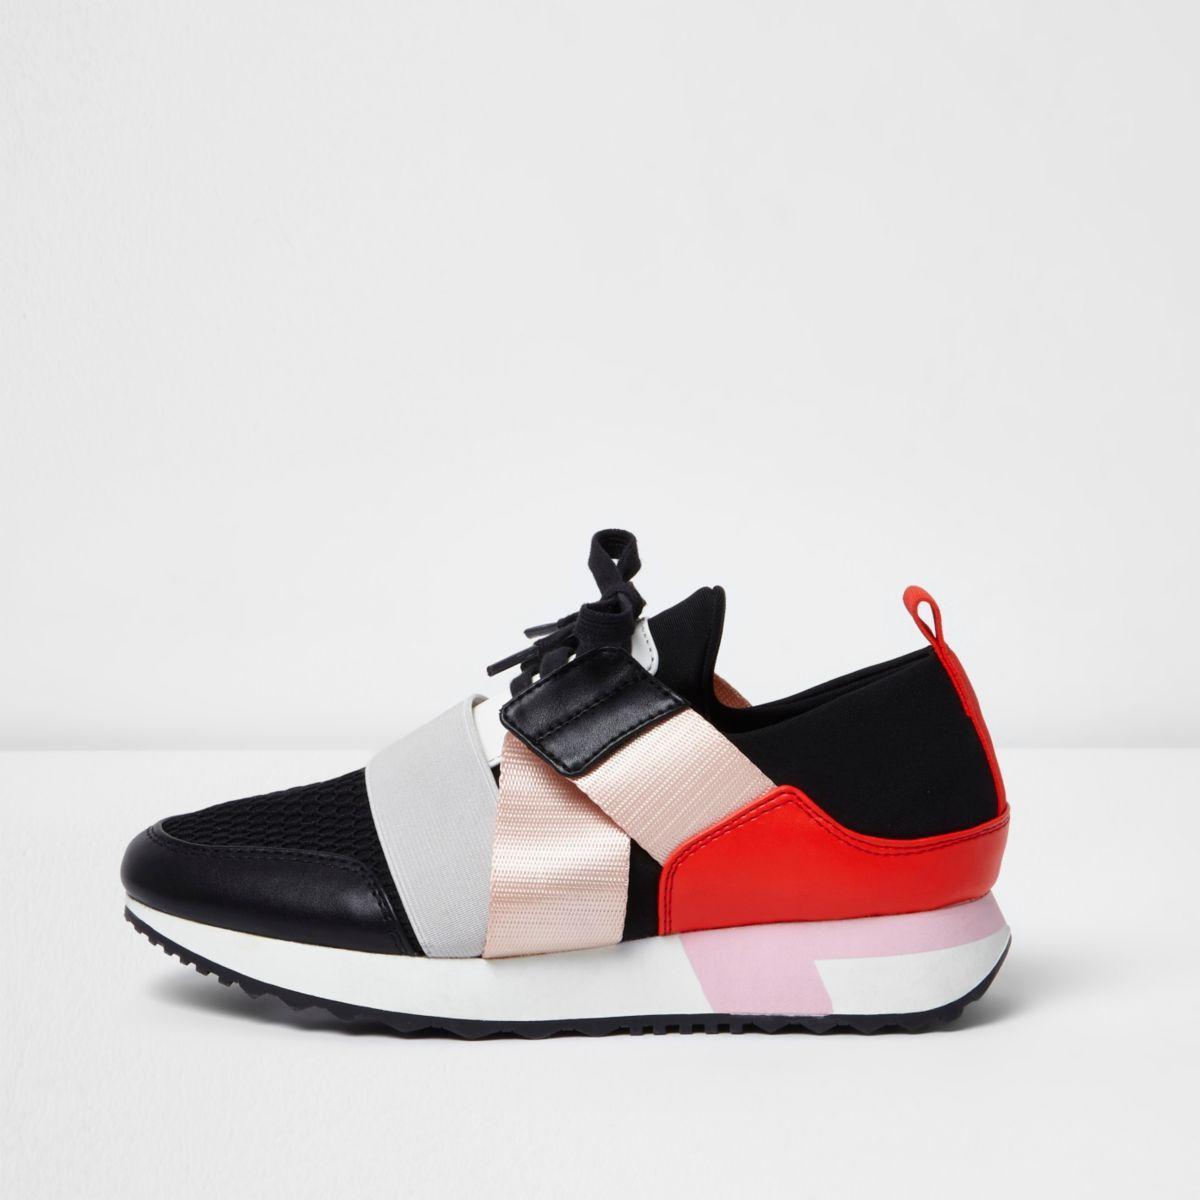 Rode hardloopschoenen met elastische banden